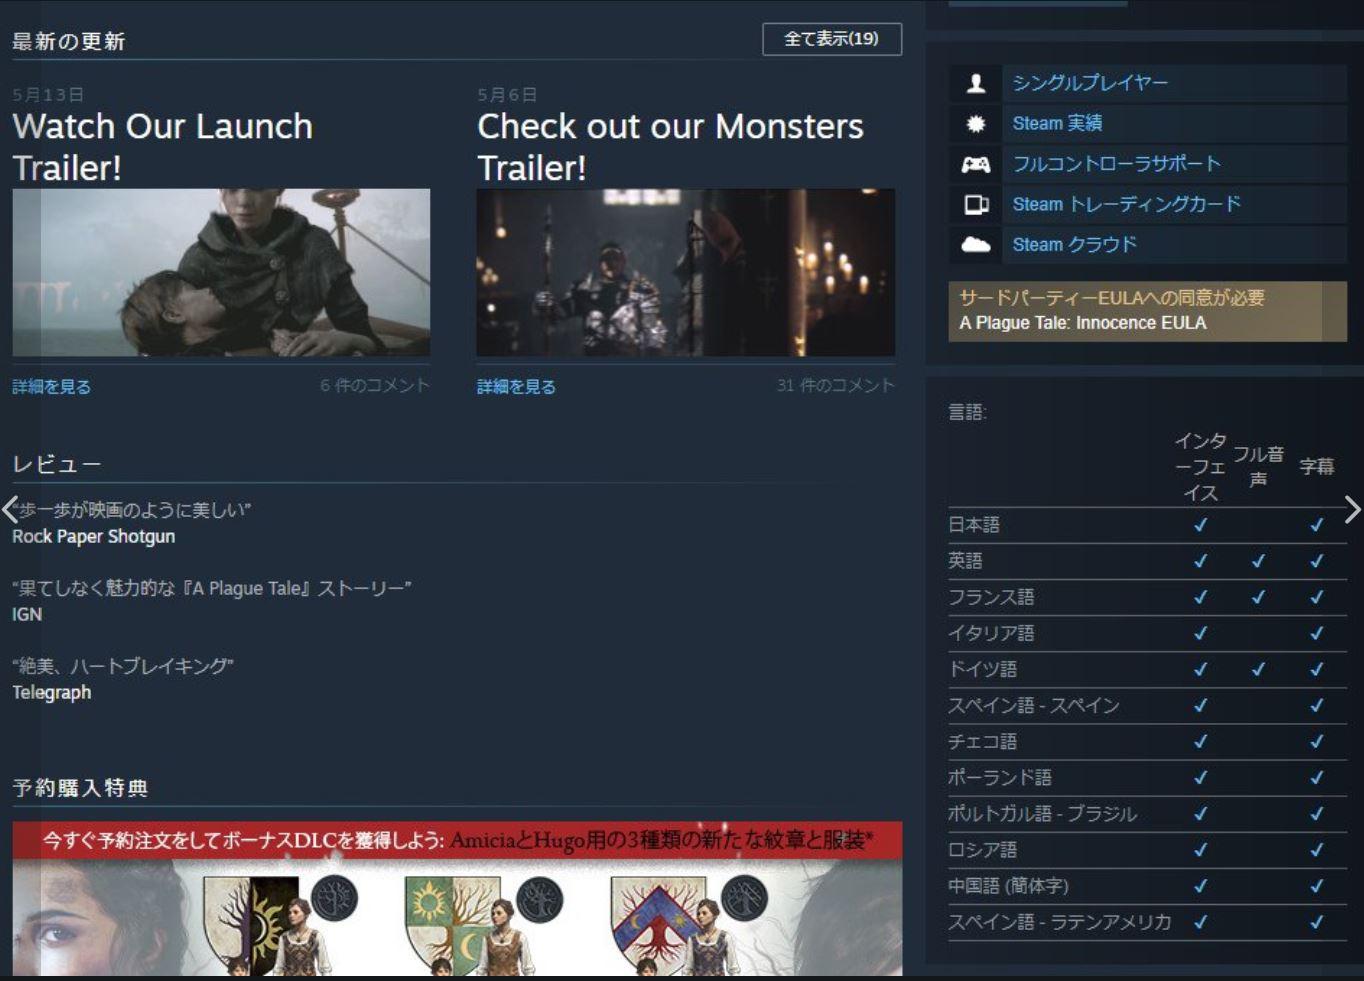 2 26 - Steam版ねずみ5000匹 日本語対応として予約を受け付けながらも発売直前に日本語削除で非難の嵐 一体どこからの圧力なのか?